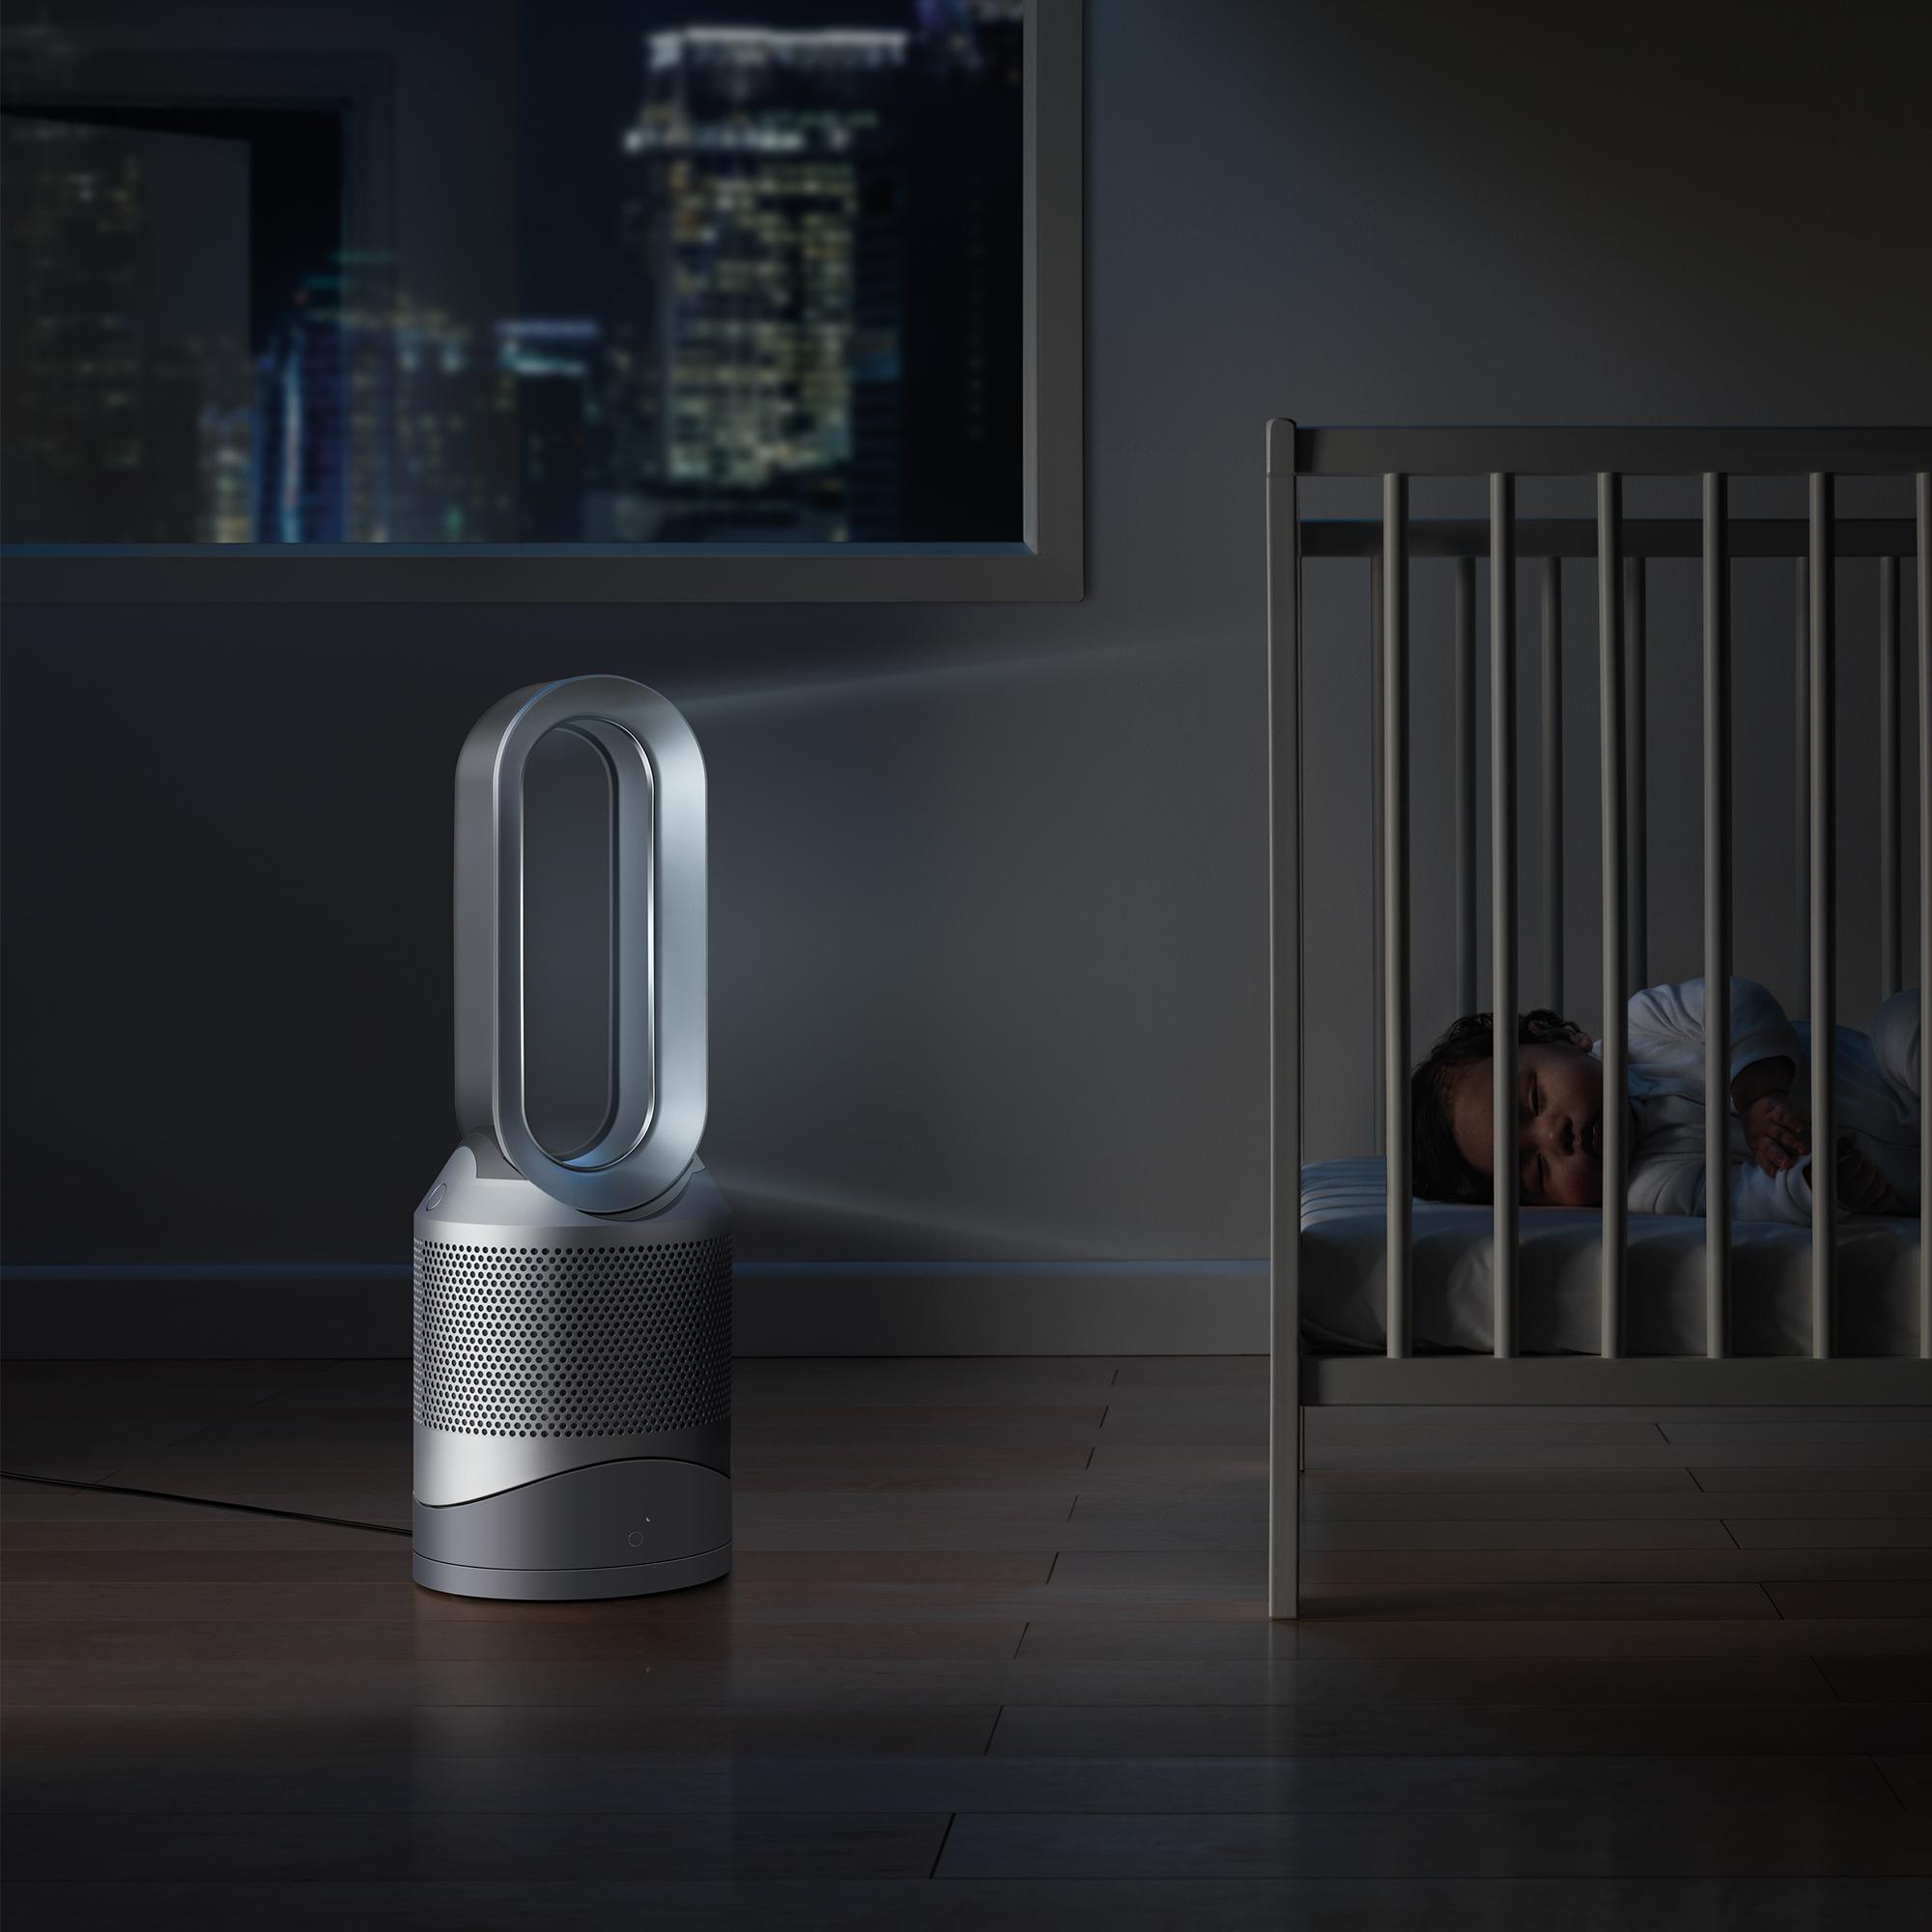 Очиститель воздуха для квартиры дайсон dyson сушилка для рук высота